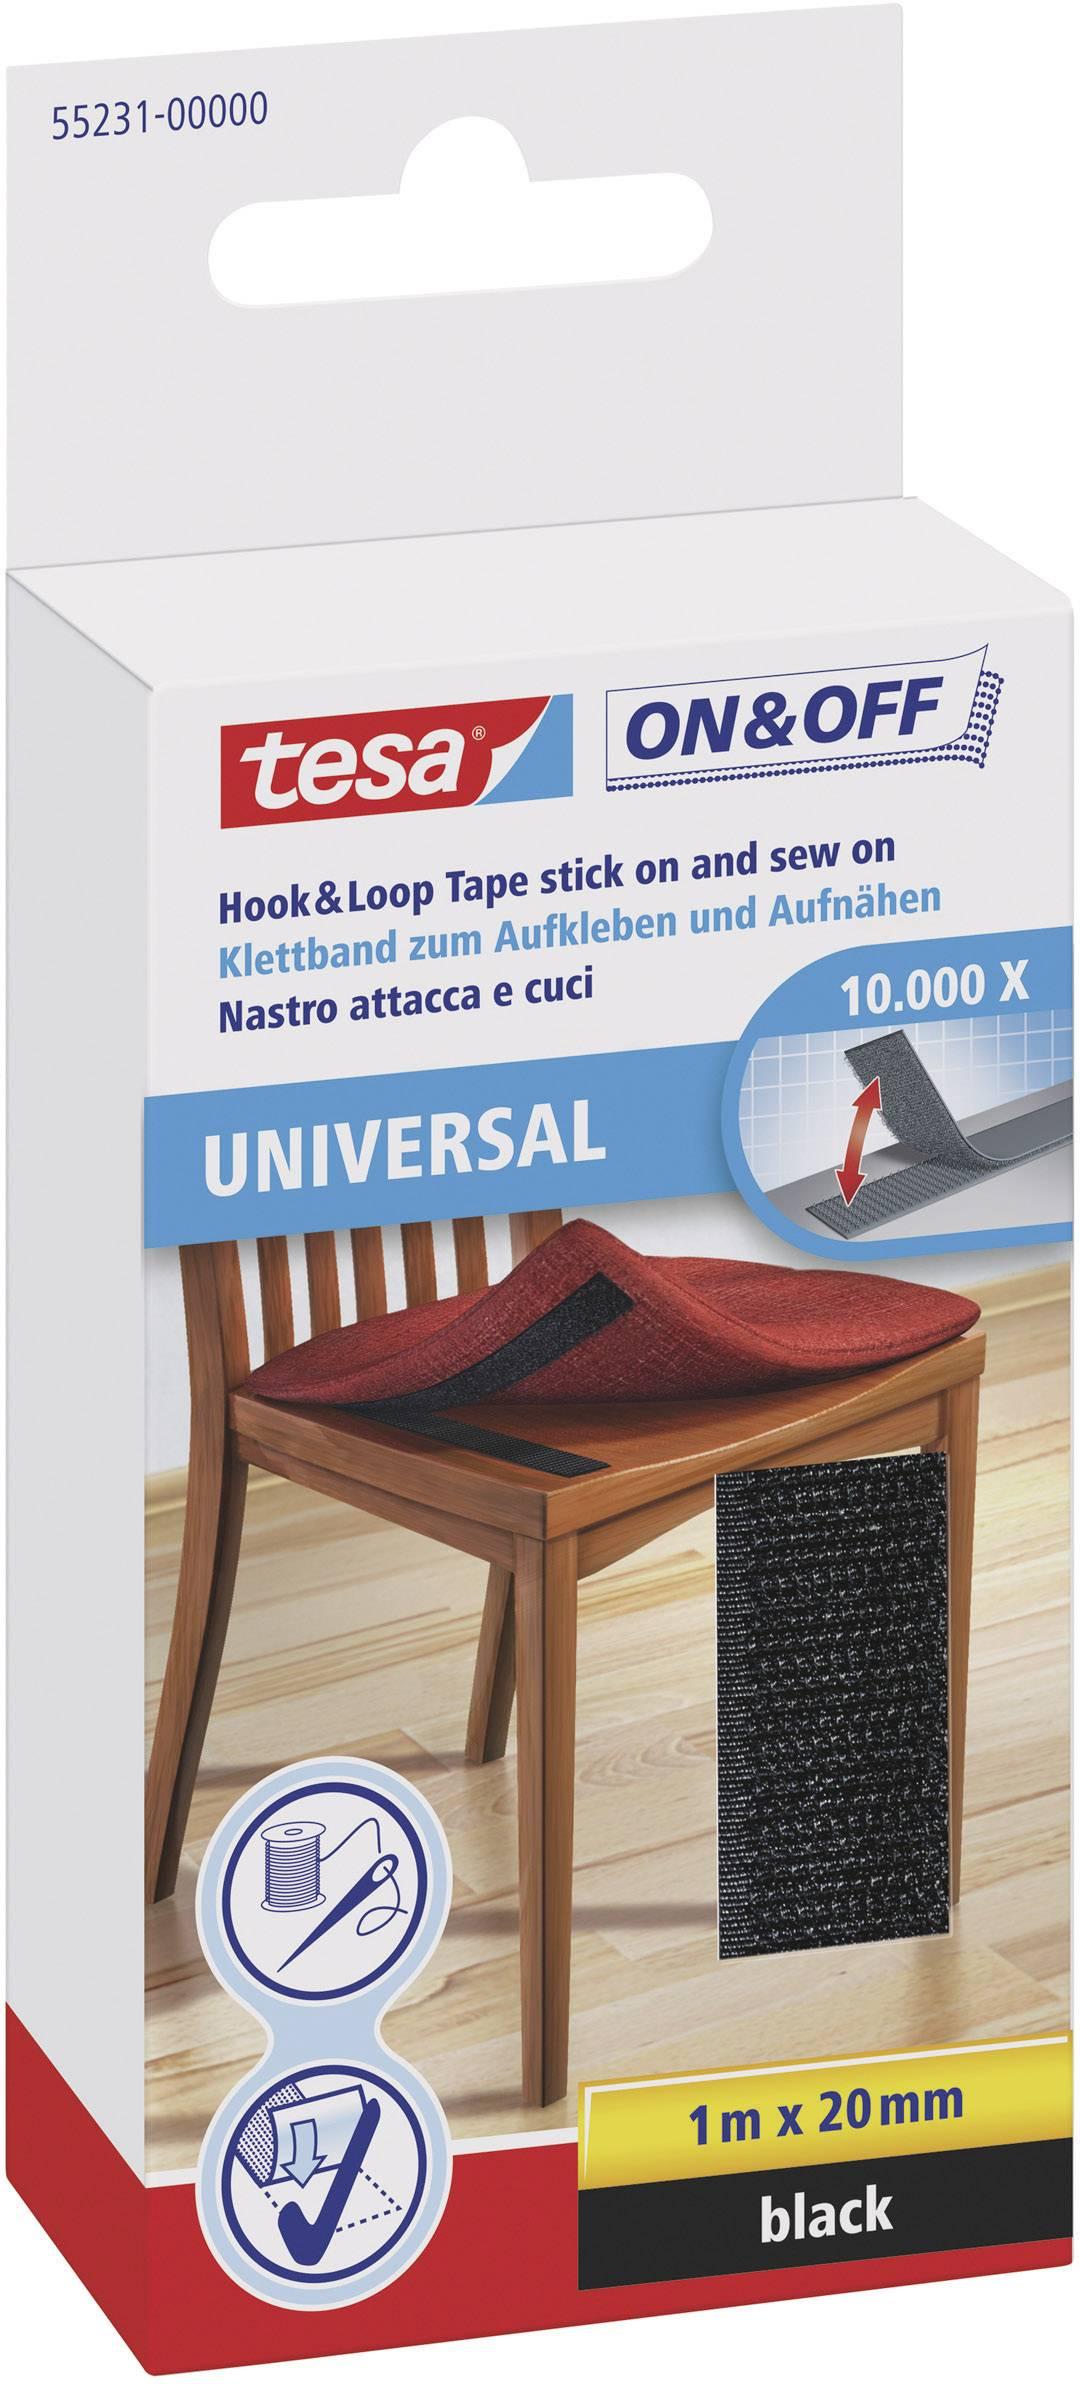 Suchý zip pro našití Tesa On&Off, 20 mm x 1 m, černá